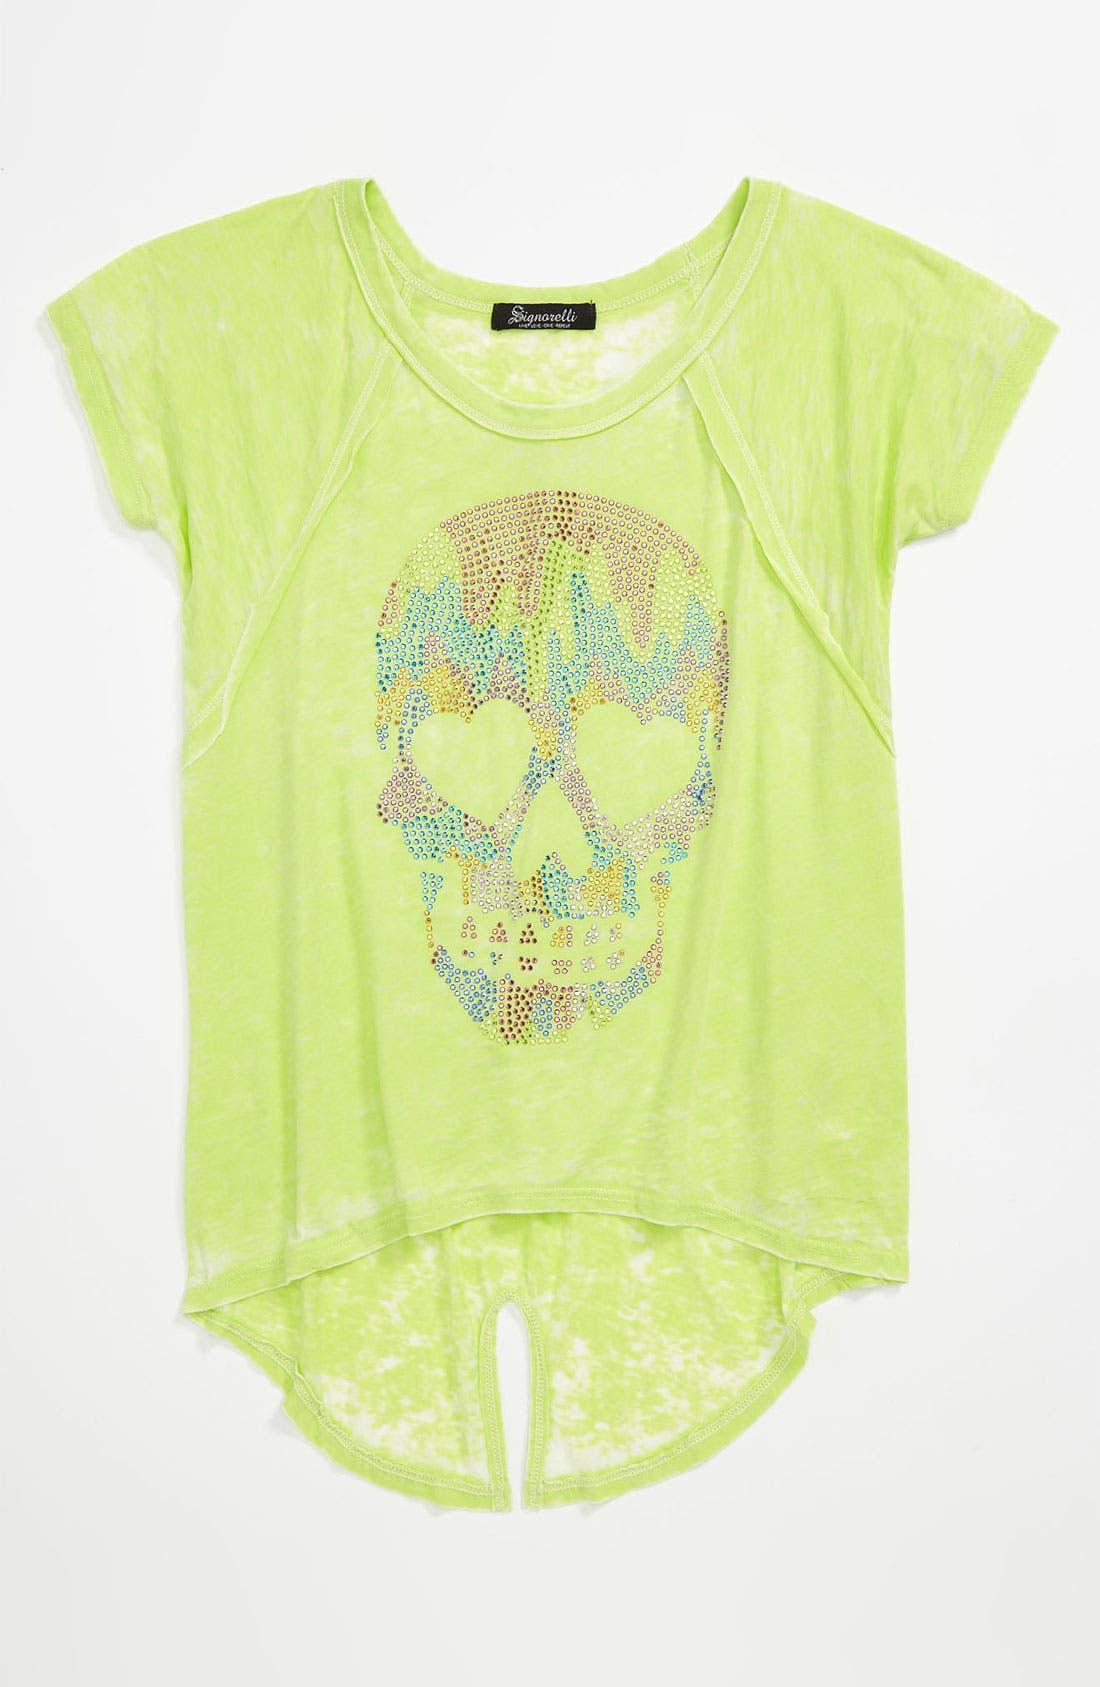 Alternate Image 1 Selected - Signorelli 'Skull' Embellished Burnout Tee